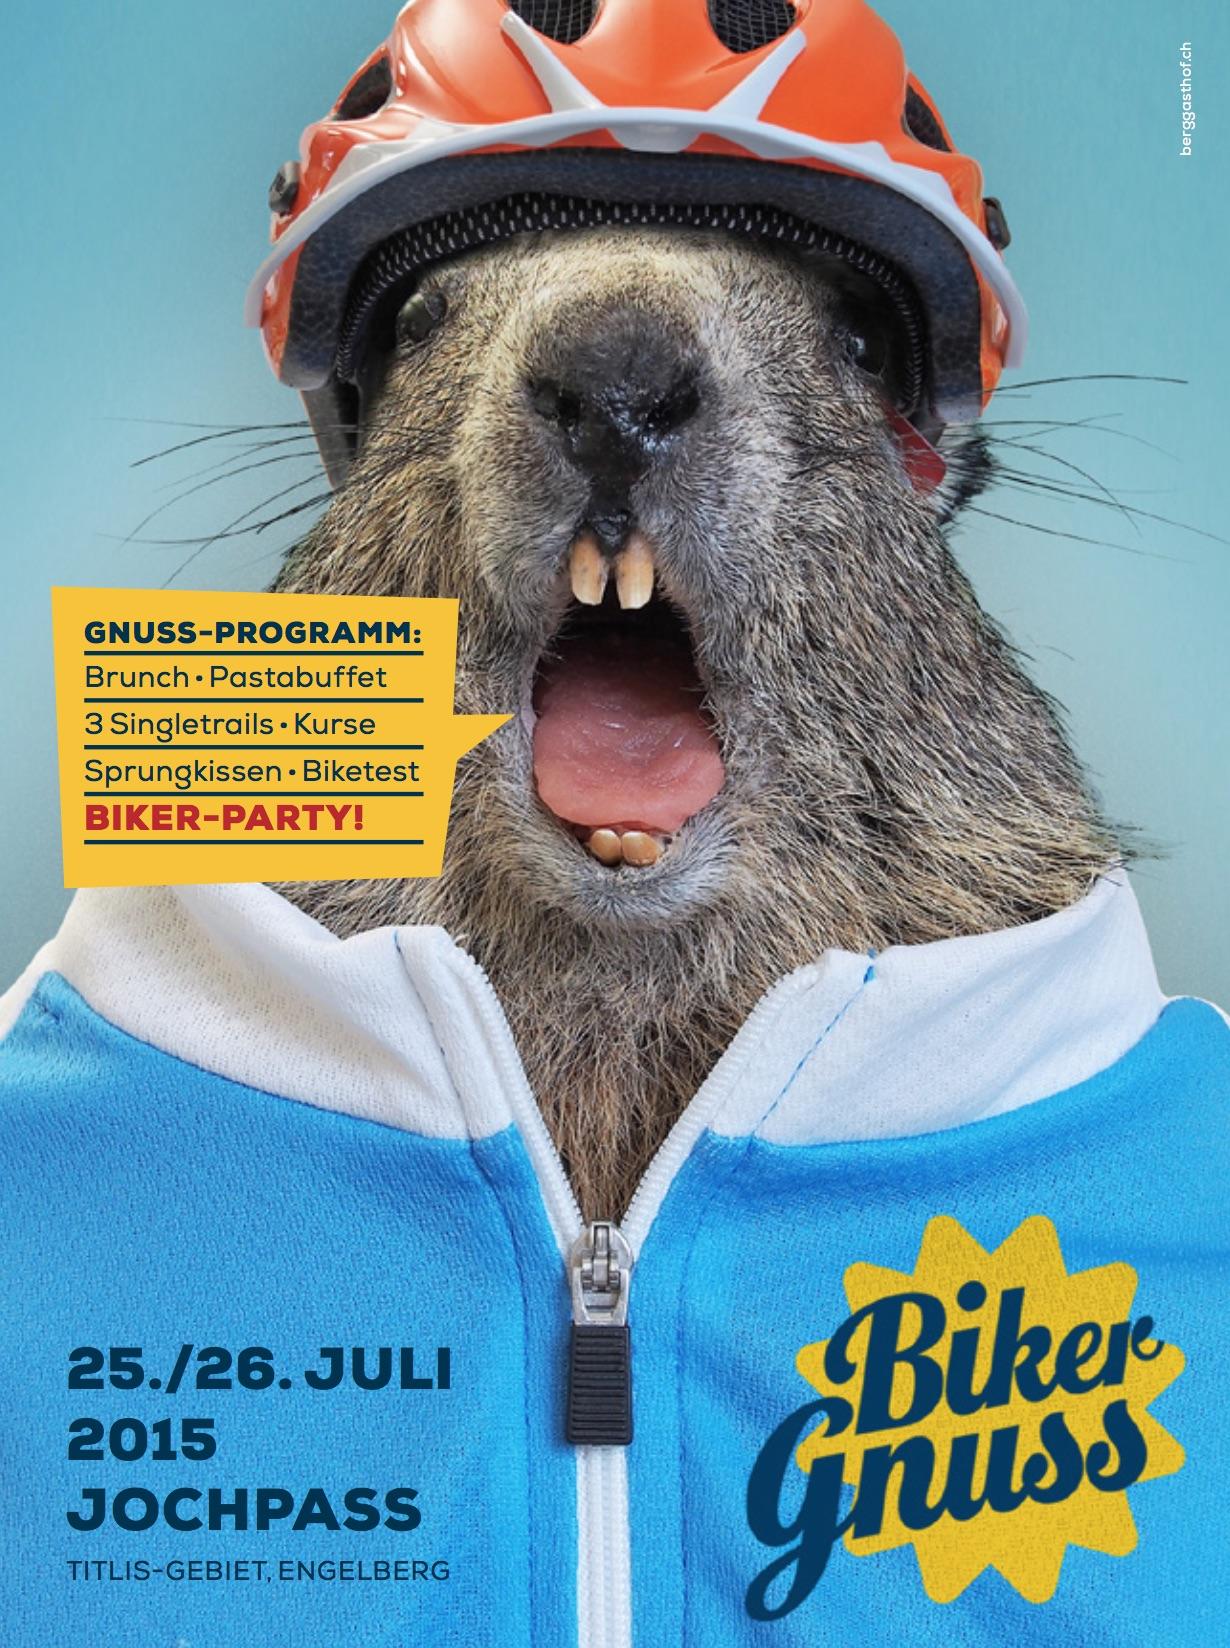 bikergnuss-jochpass-engelberg-2015